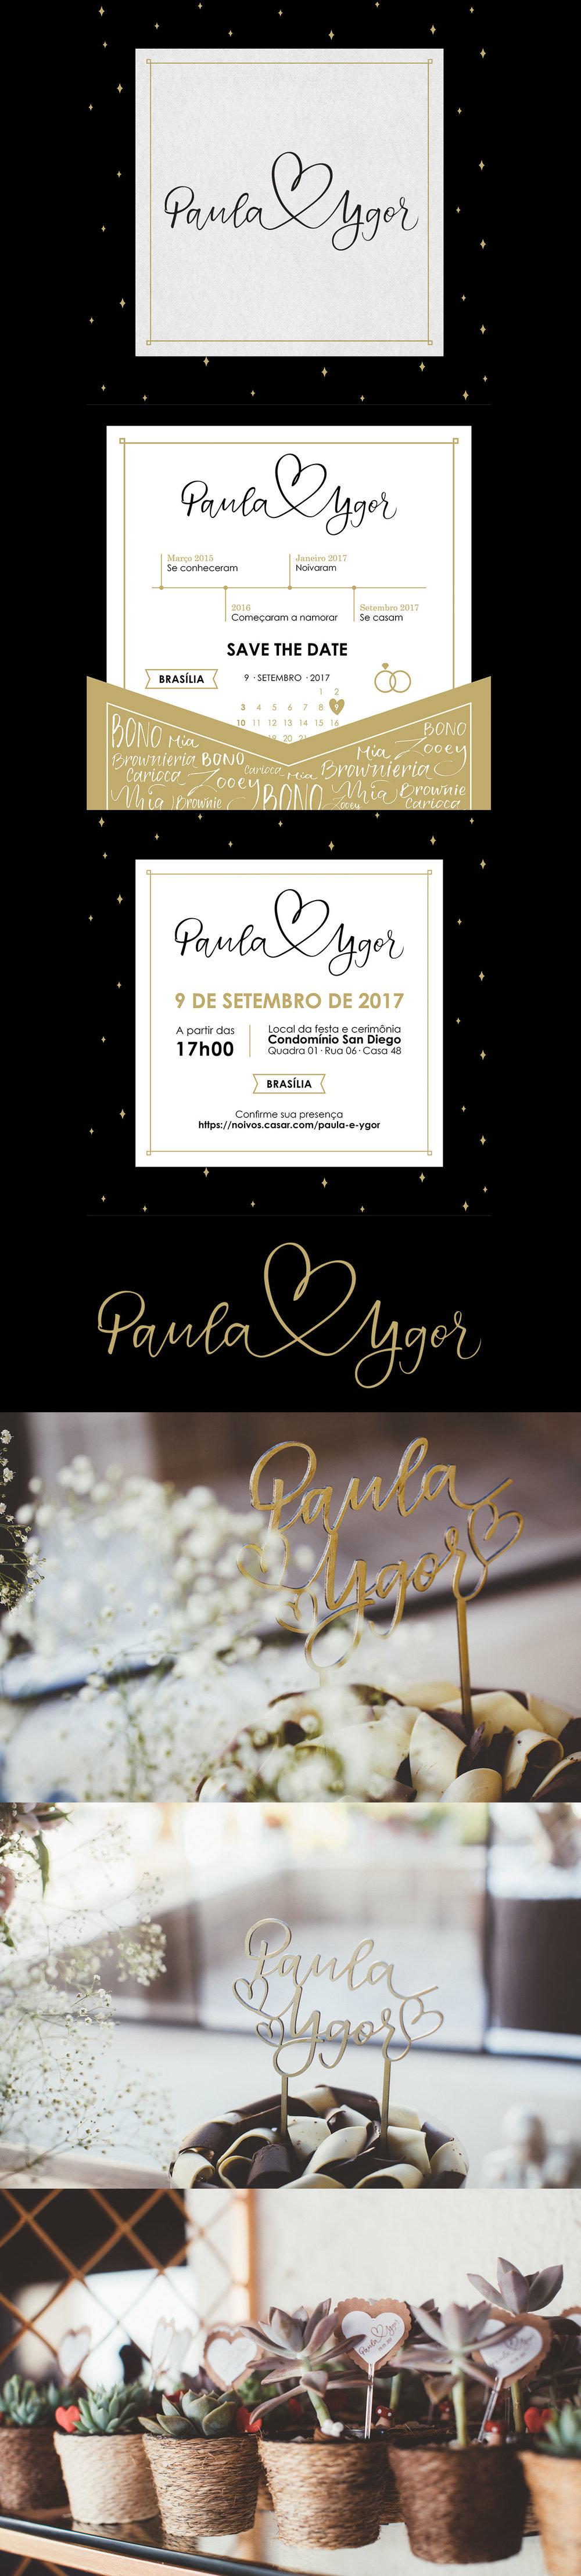 Bruna-Zanella---Paula-e-Ygor-01.jpg